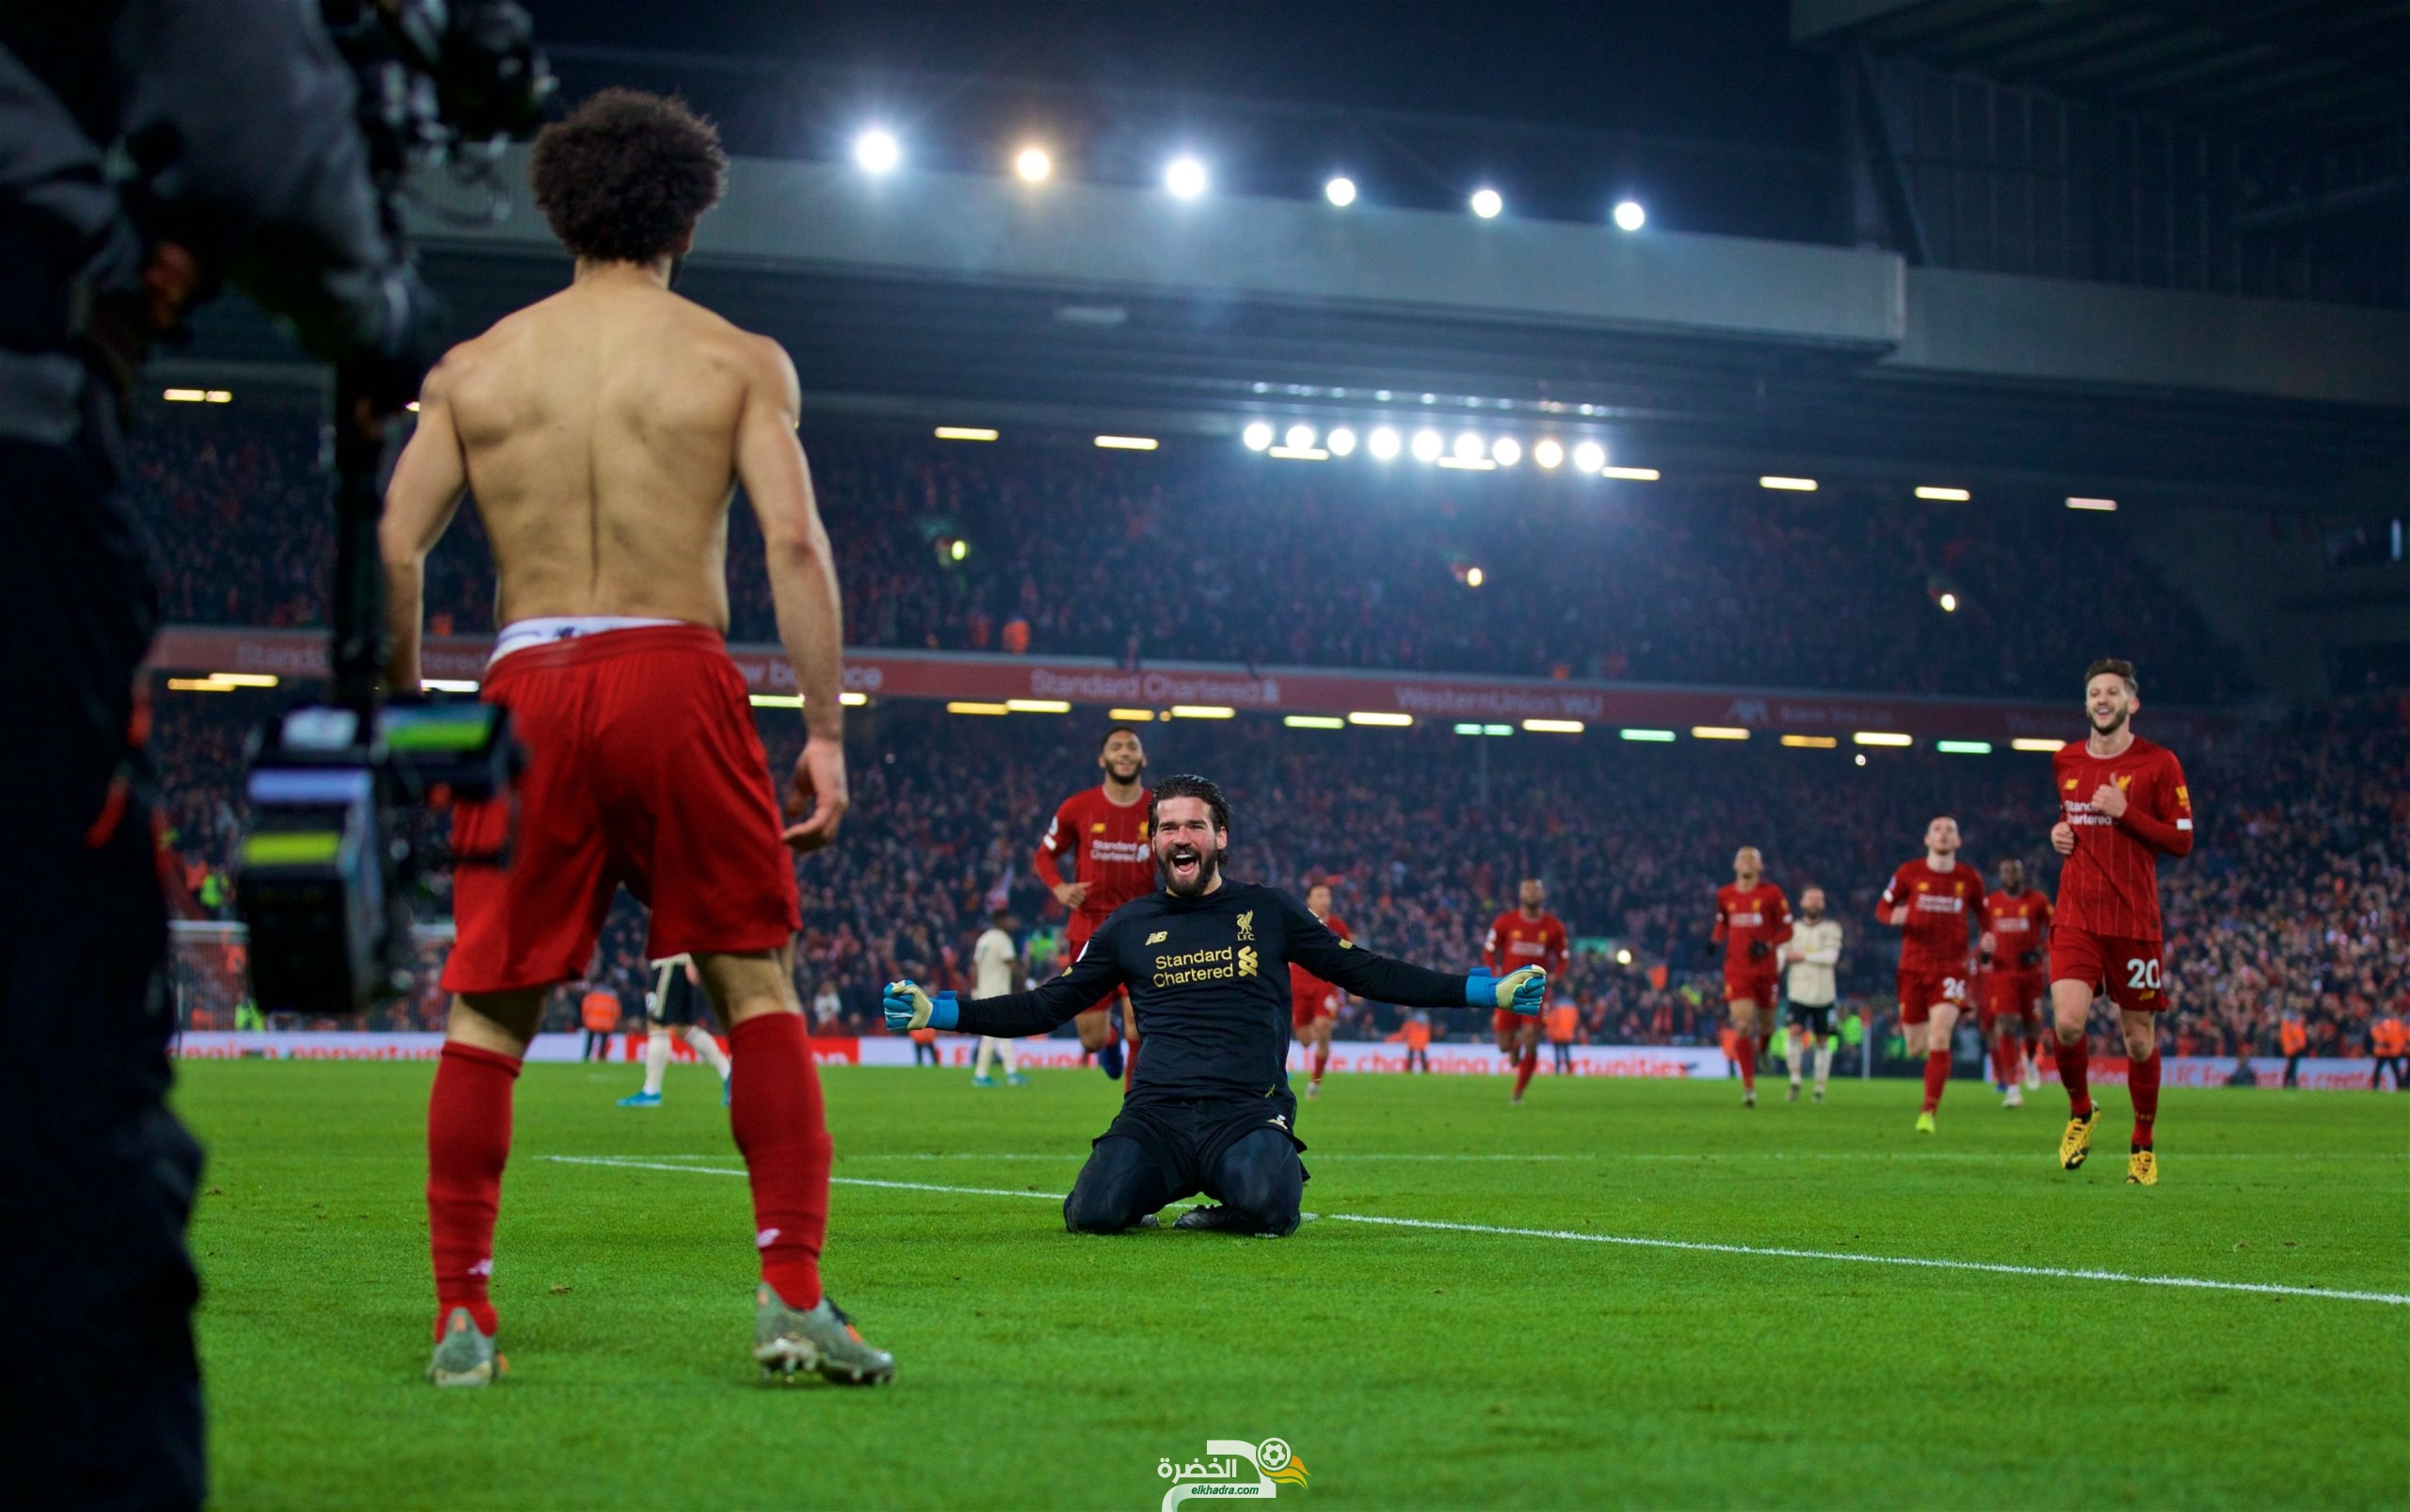 ليفربول يفوز على مانشستر يونايتد في ديربي إنجلترا 25